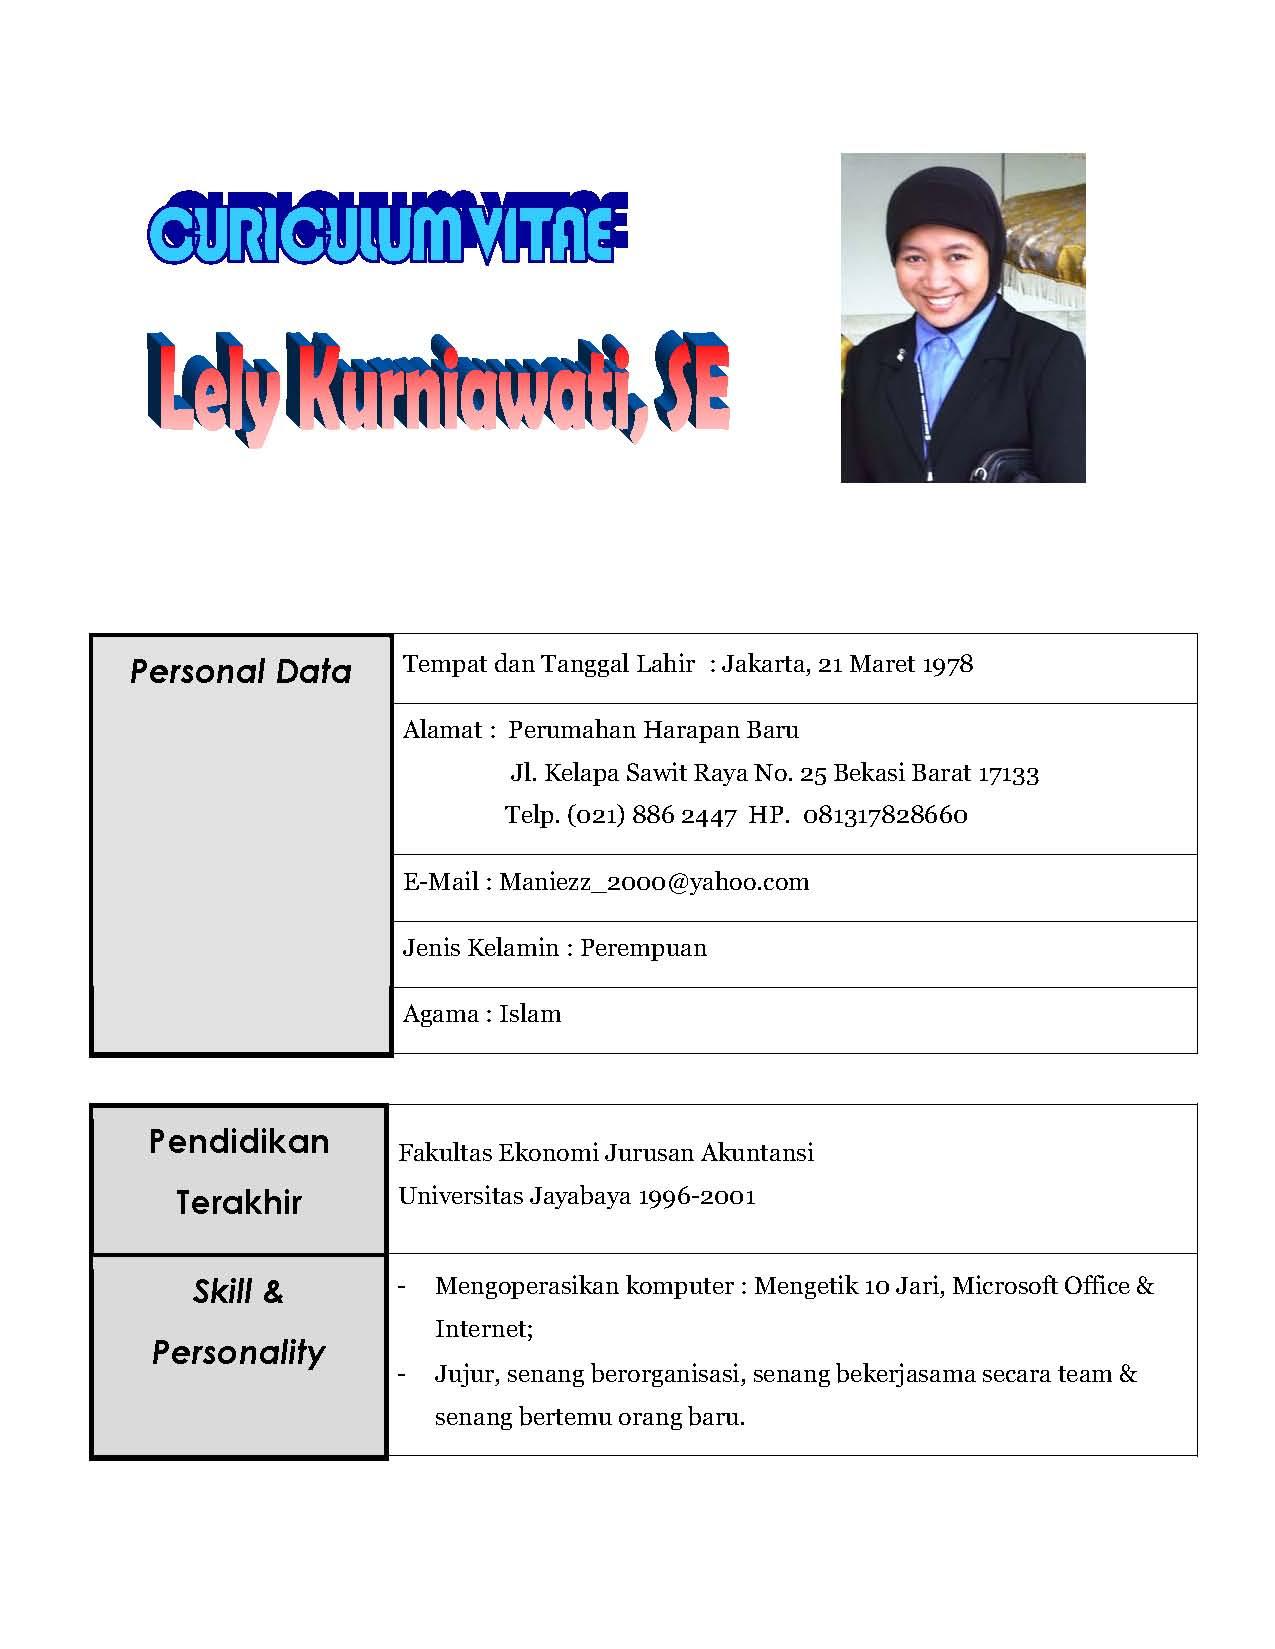 Contoh Curriculum Vitae Farmasi - Simak Gambar Berikut